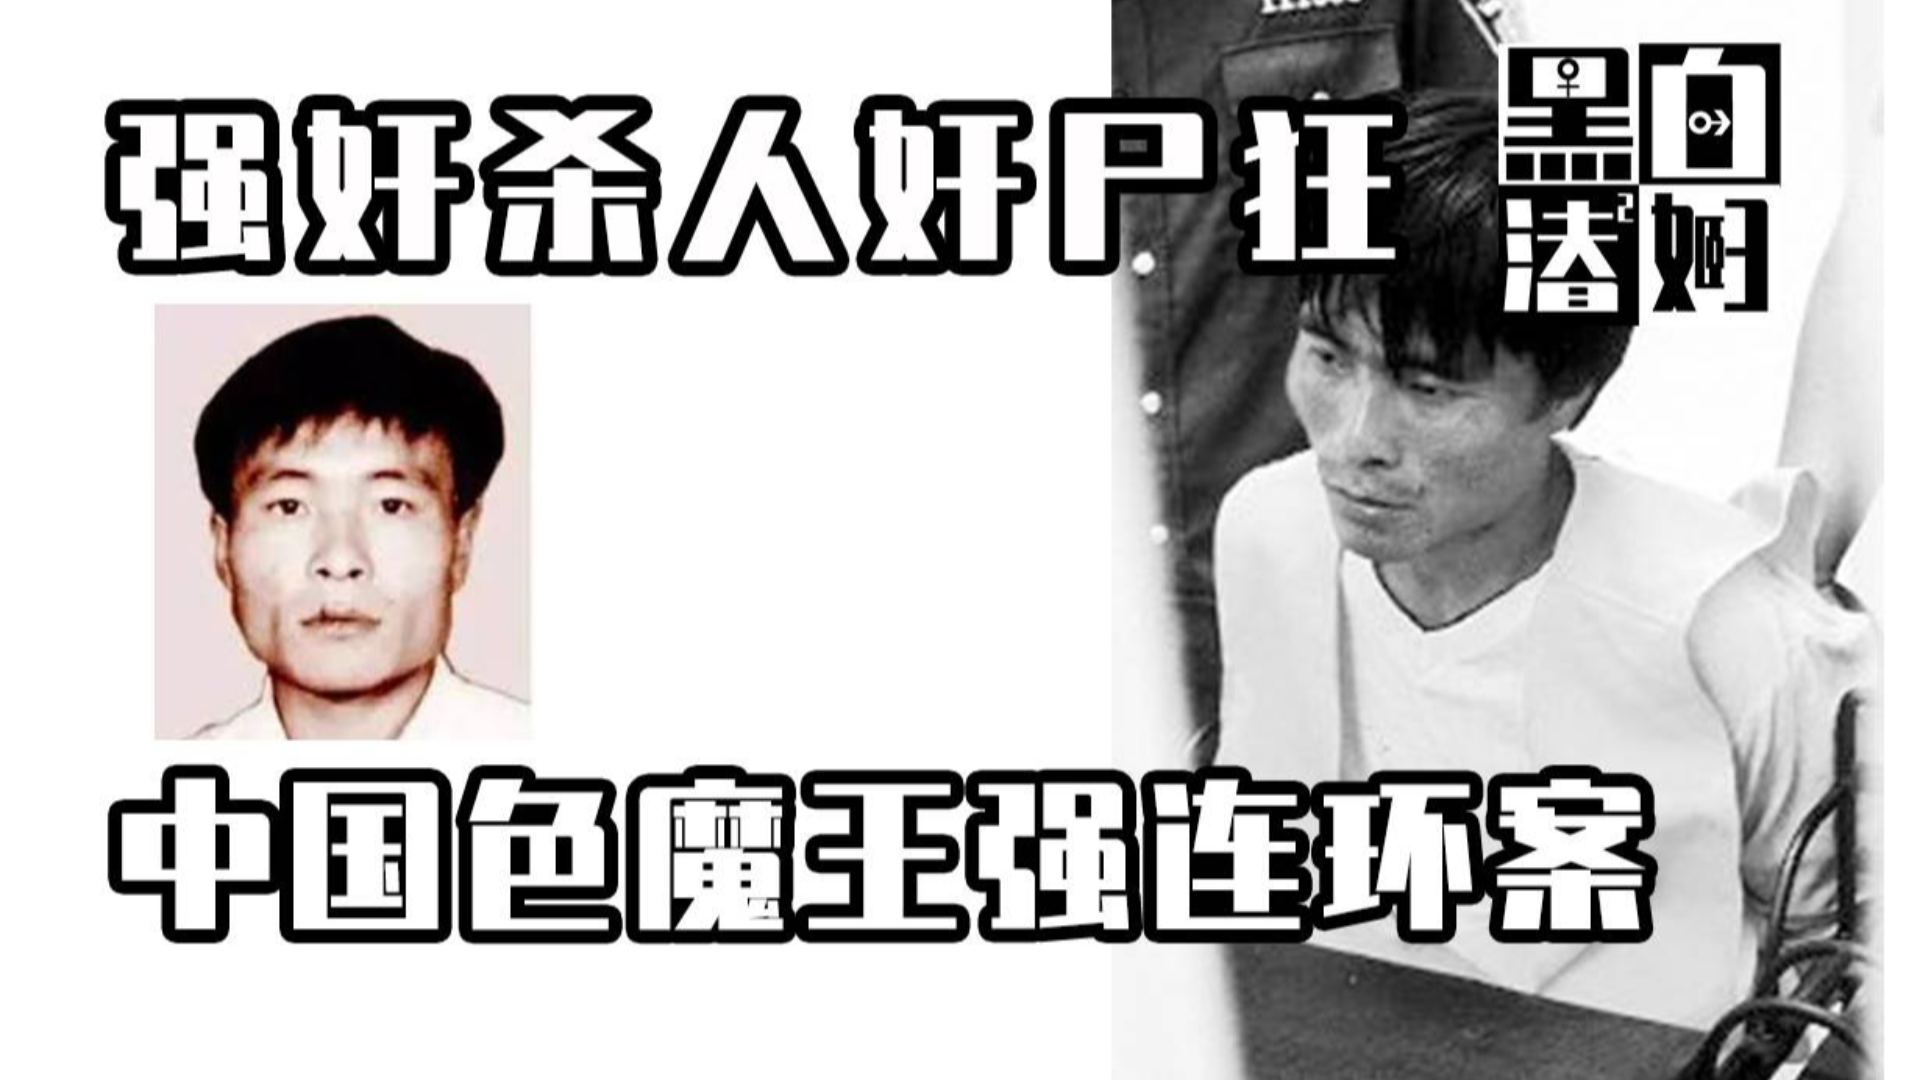 【循声听案】强奸杀人奸尸狂,中国色魔王强连环案